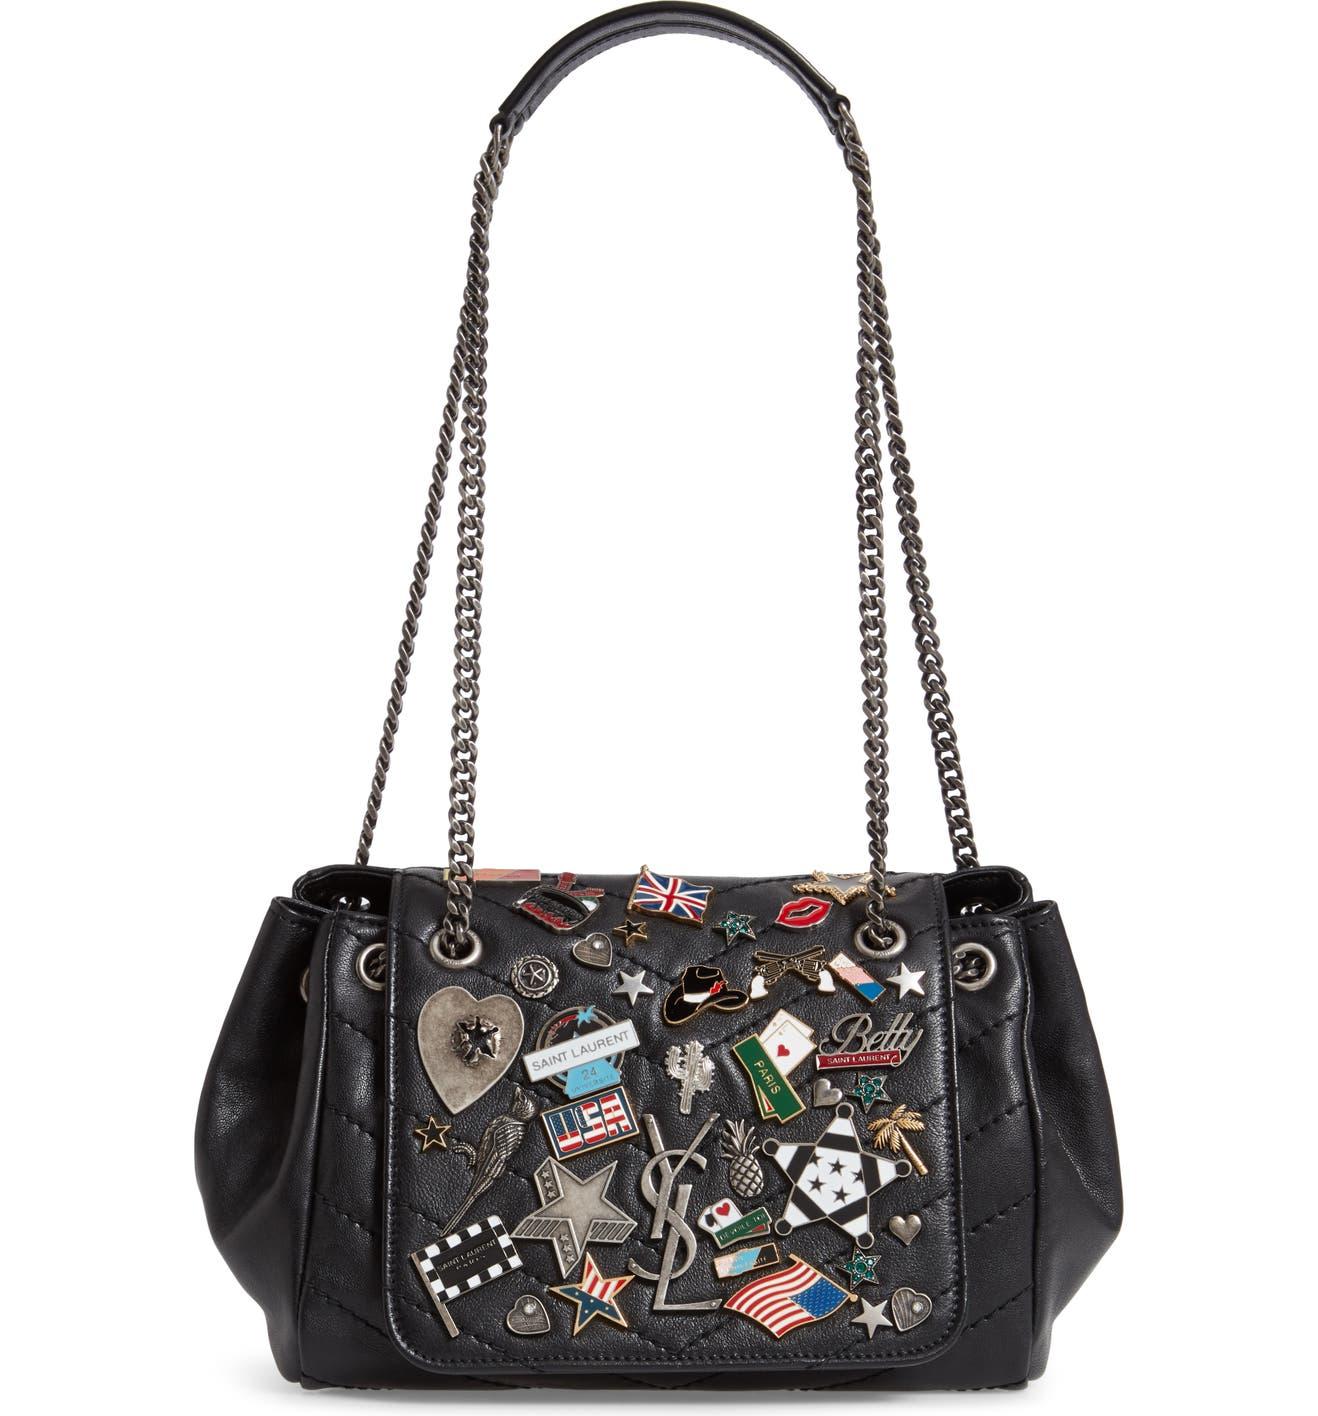 3b4d8618b2b1 Saint Laurent Small Nolita Pin Embellished Leather Shoulder Bag | Nordstrom